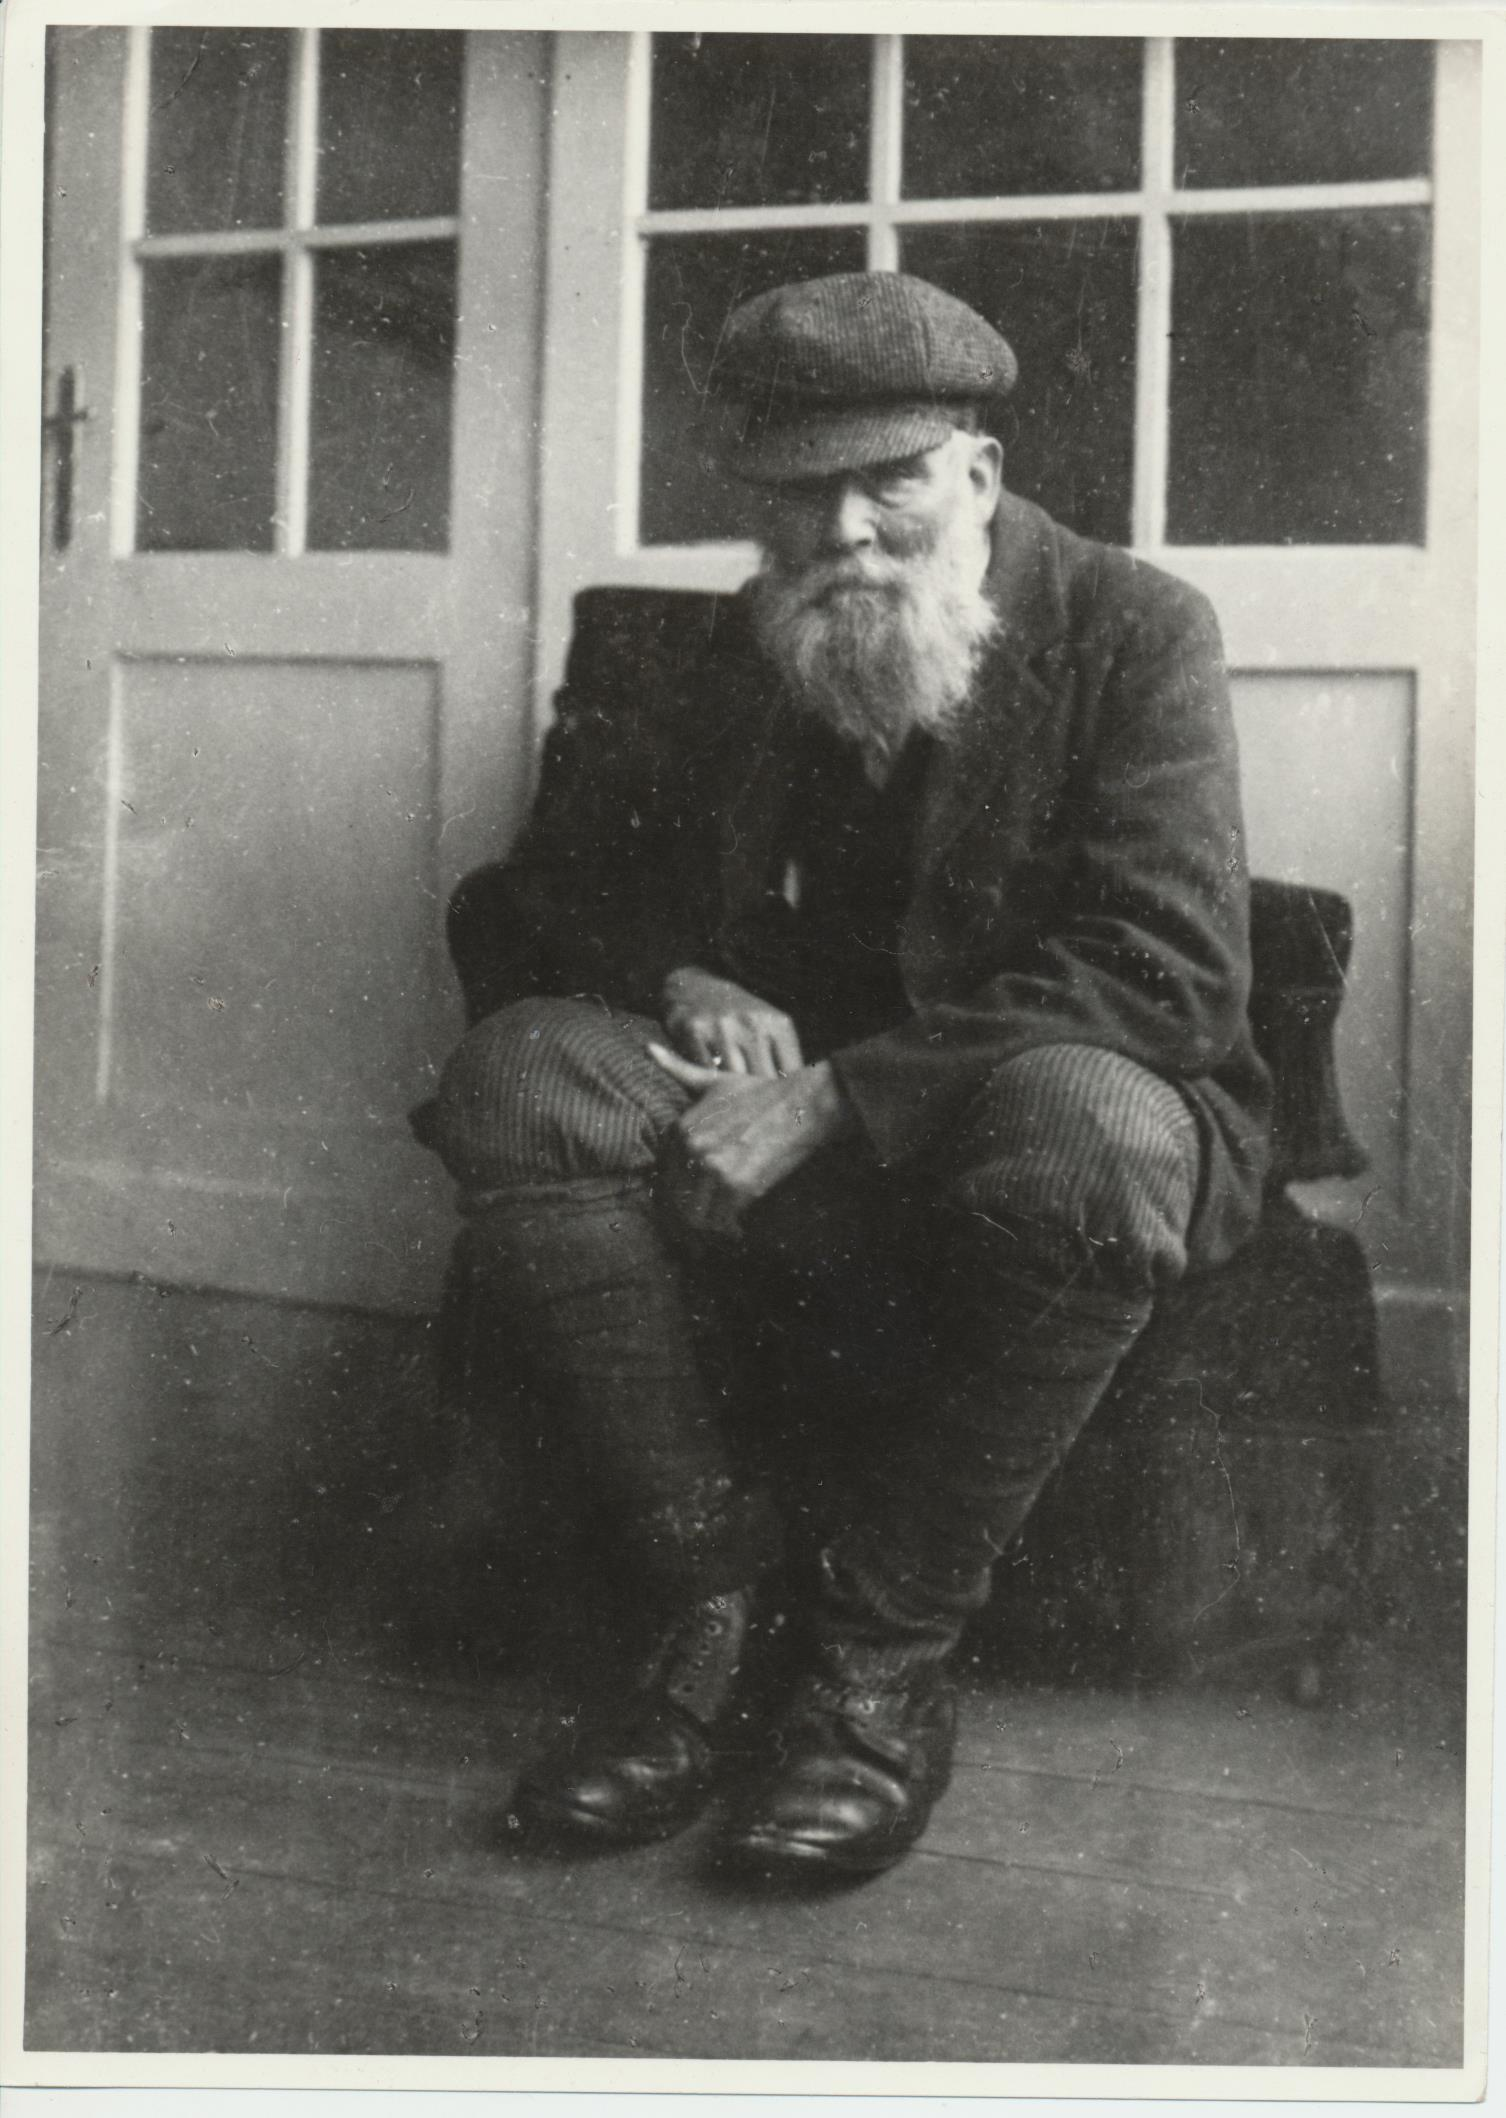 Portrét Ladislava Mednyánszkého